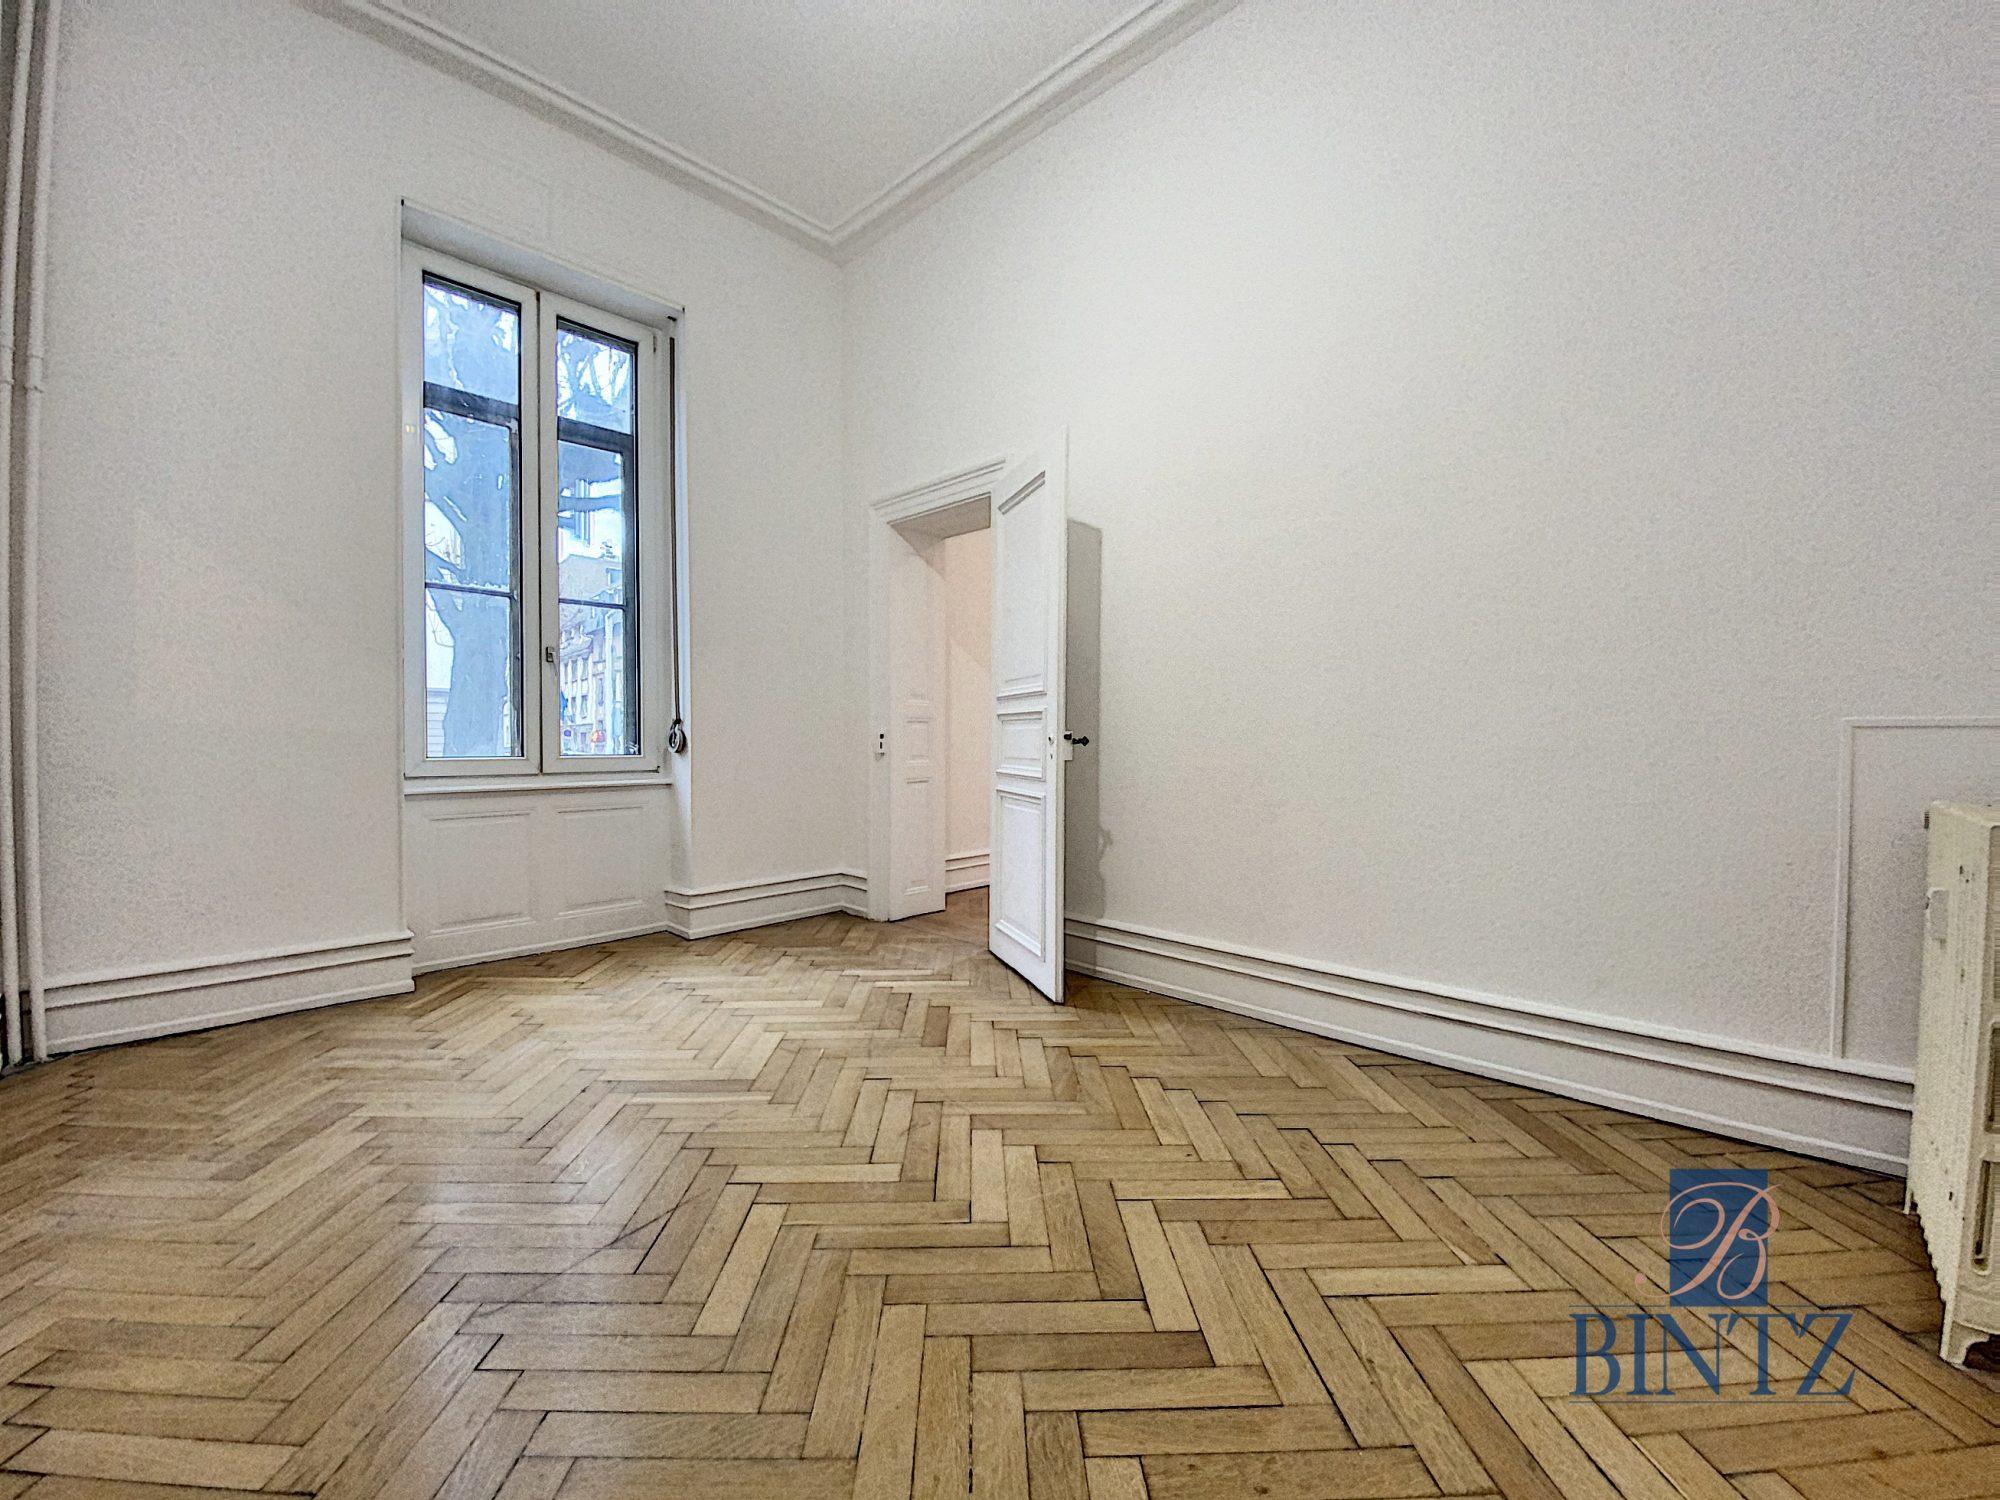 5 pièces rue Wimpheling - Devenez locataire en toute sérénité - Bintz Immobilier - 18